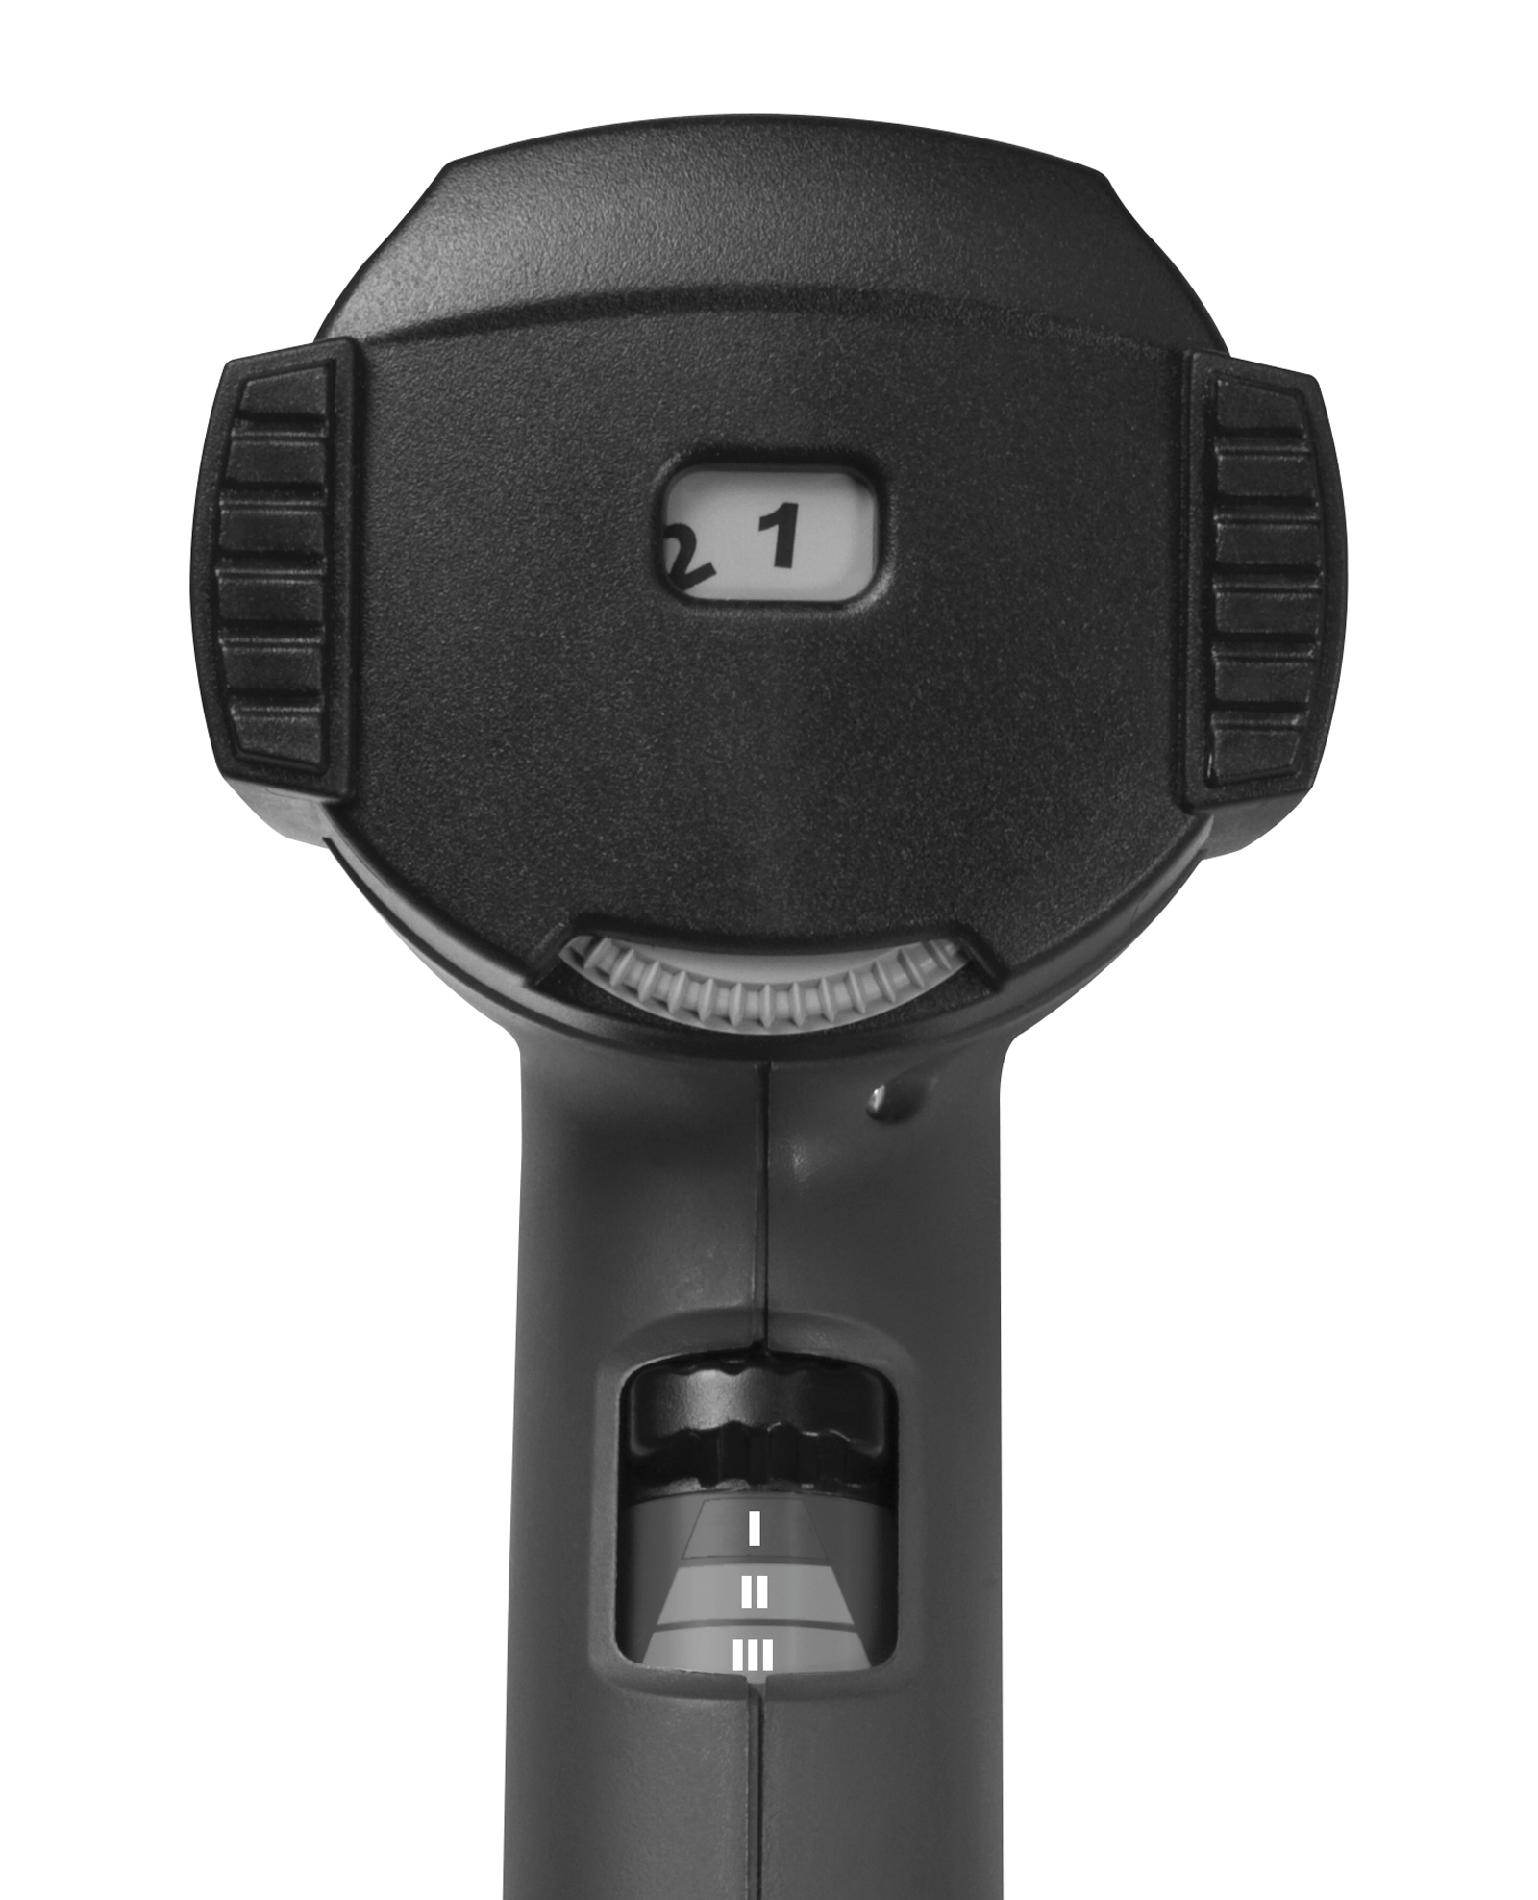 Craftsman Electronic Heat Gun